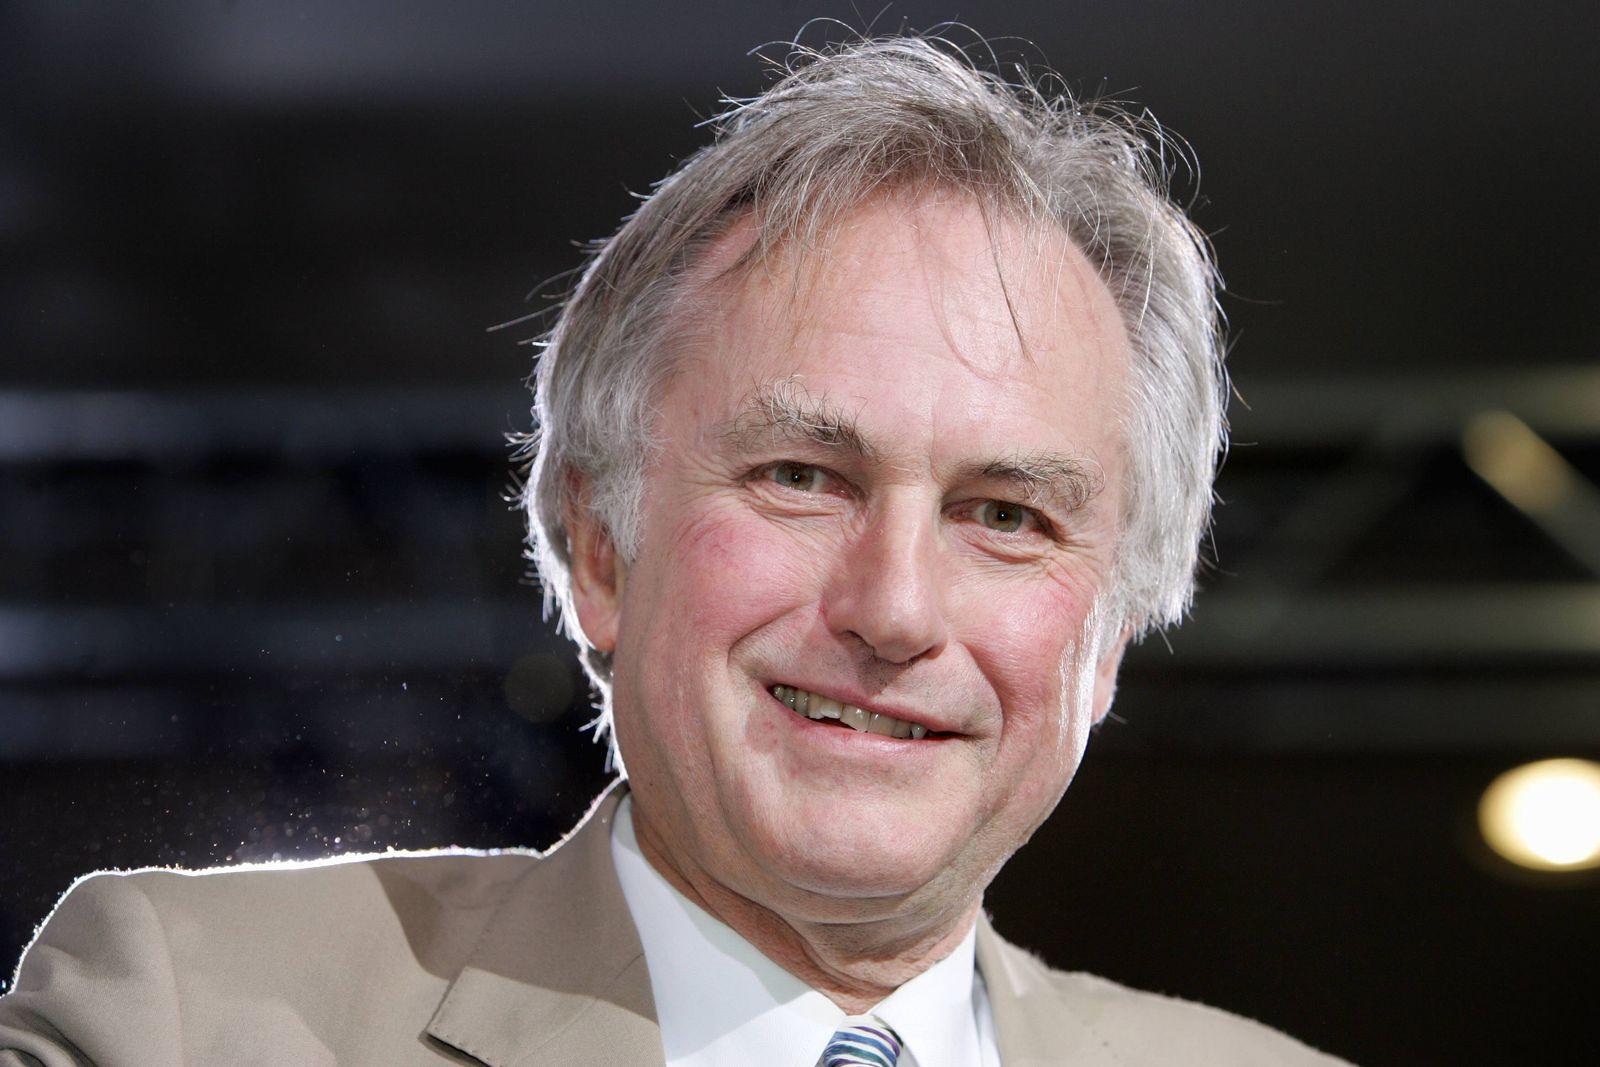 NICHT VERWENDEN Richard Dawkins - Evolutionsbiologe und Religionskritiker